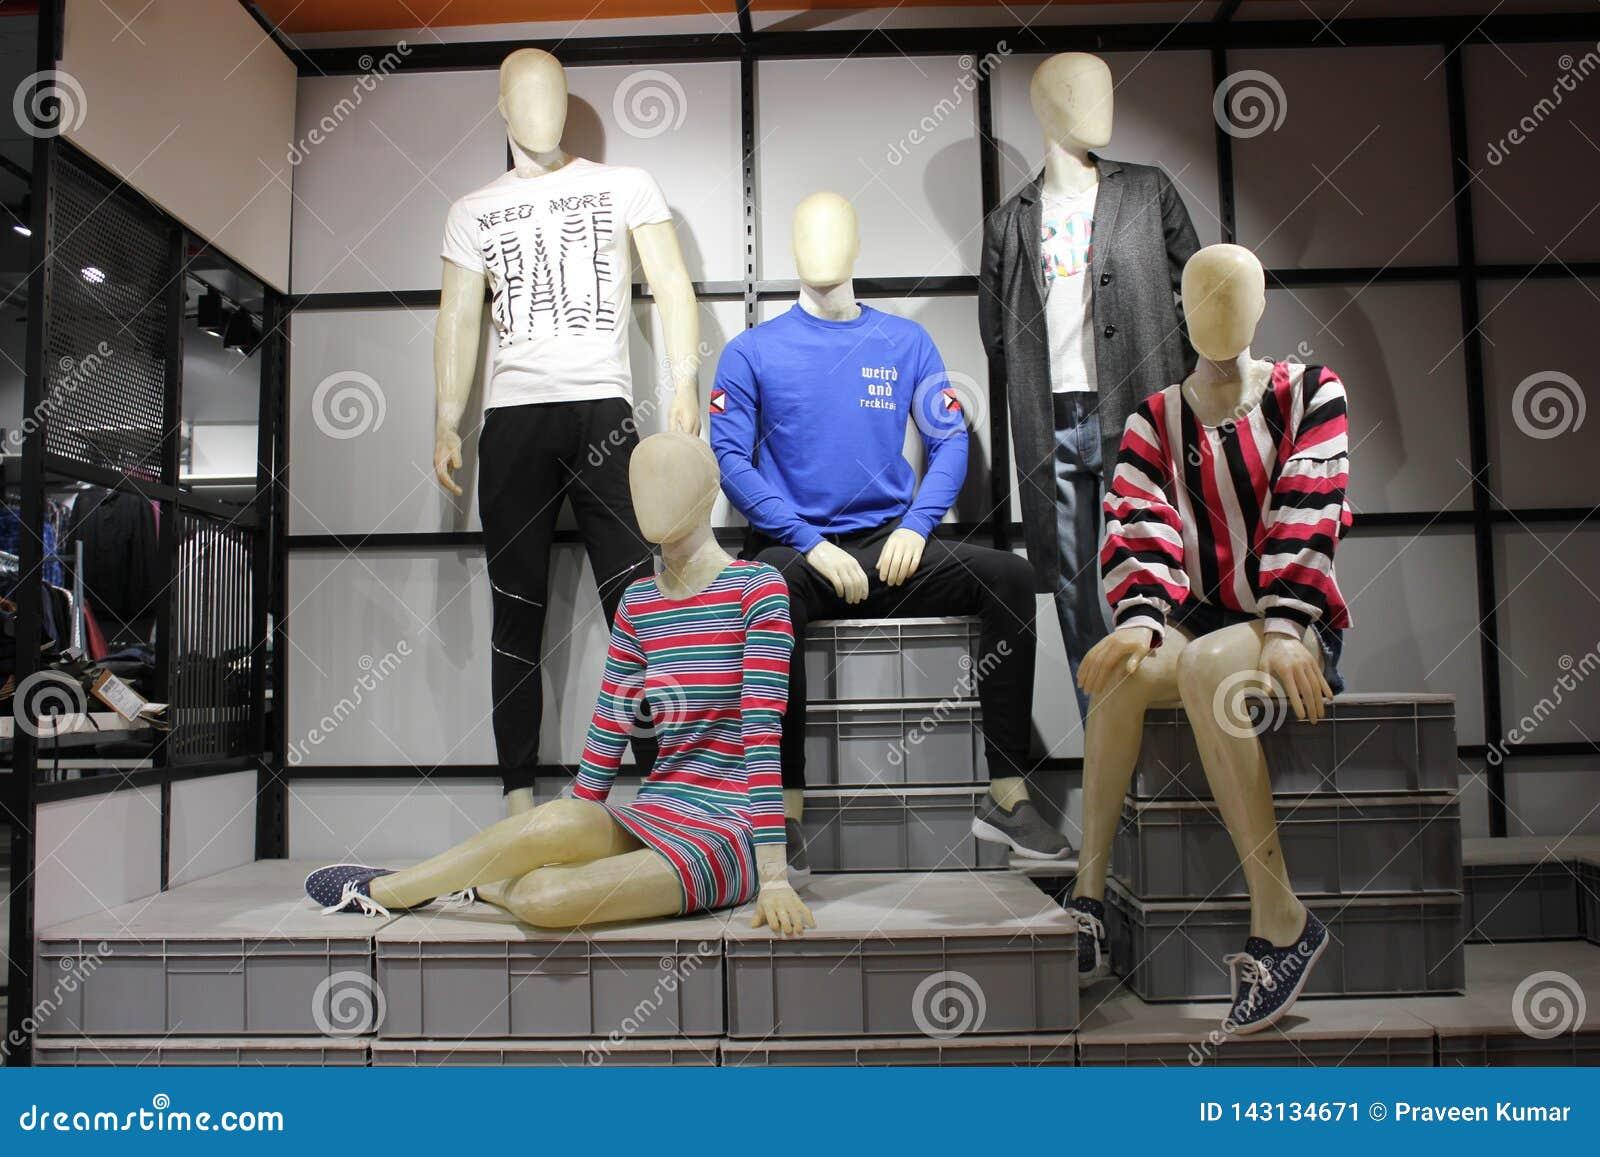 Мужчина и женские манекены в западной моде показанной в магазине одежды в торговом центре